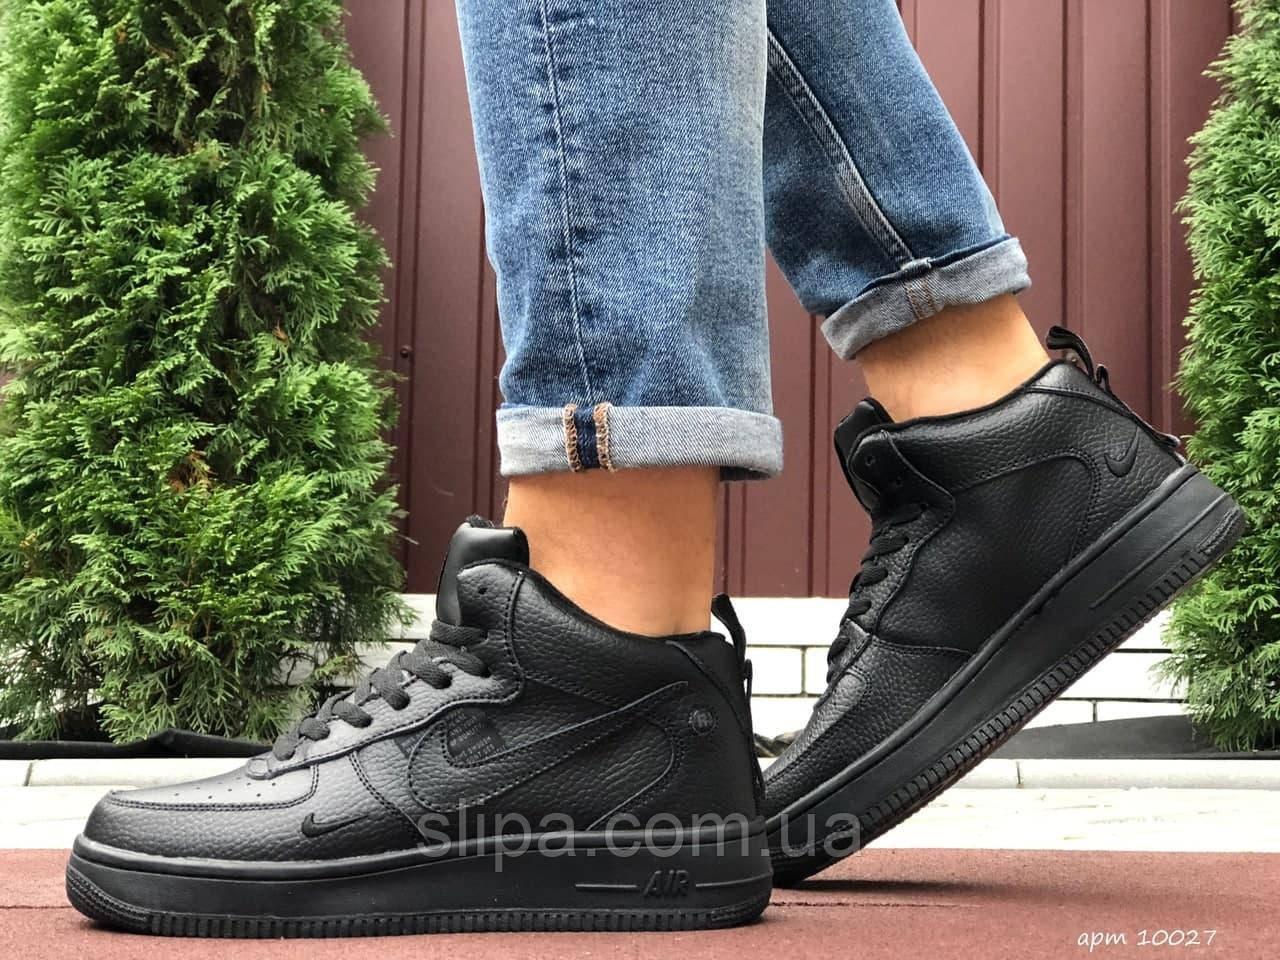 Мужские кожаные зимние кроссовки Nike Air Force чёрные